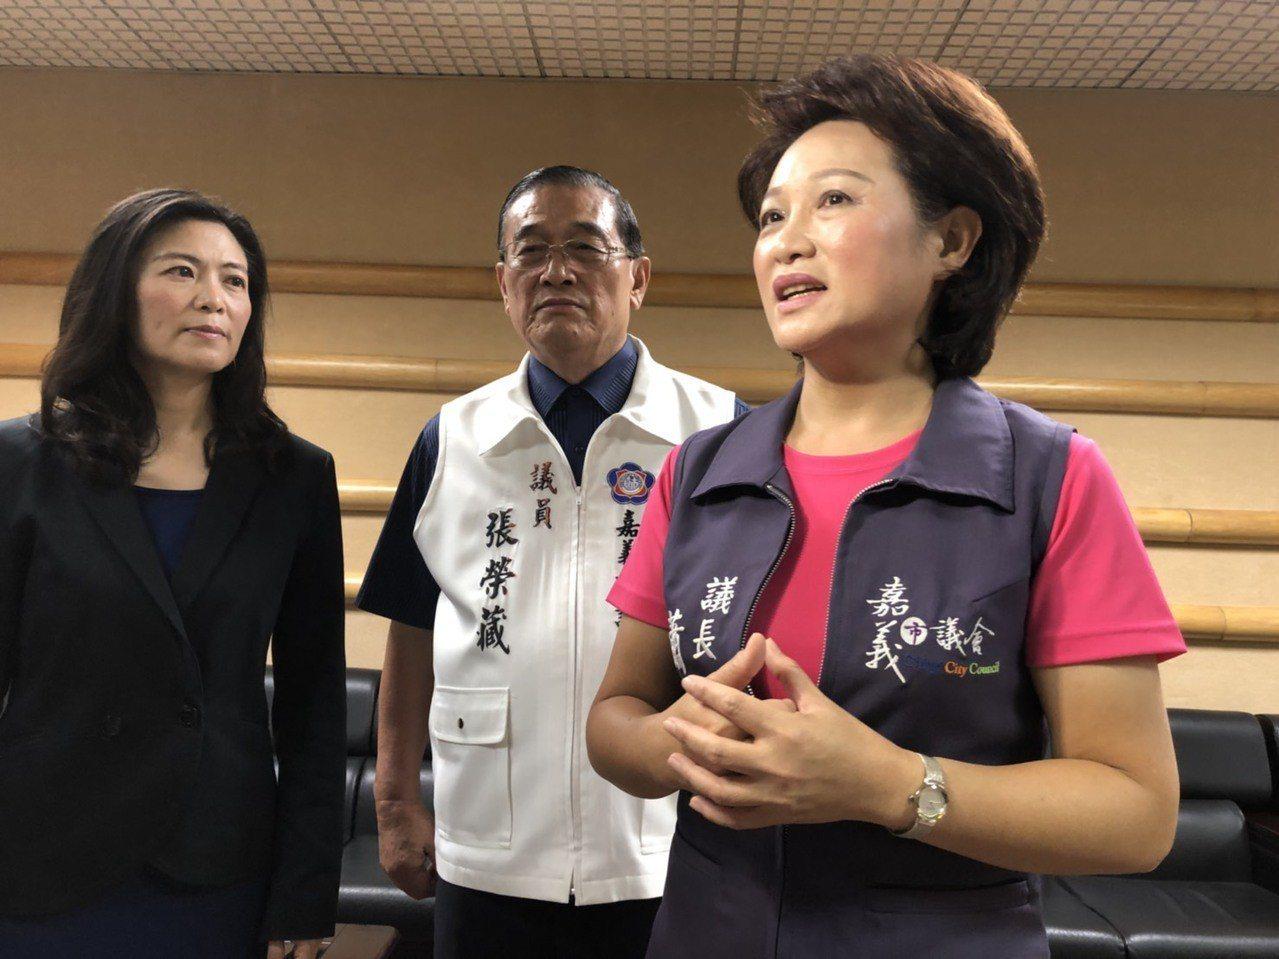 為何對「拔管案」發聲,嘉義市議長蕭淑麗(右)說,她也不認識管中閔、沒私交,是挺民...